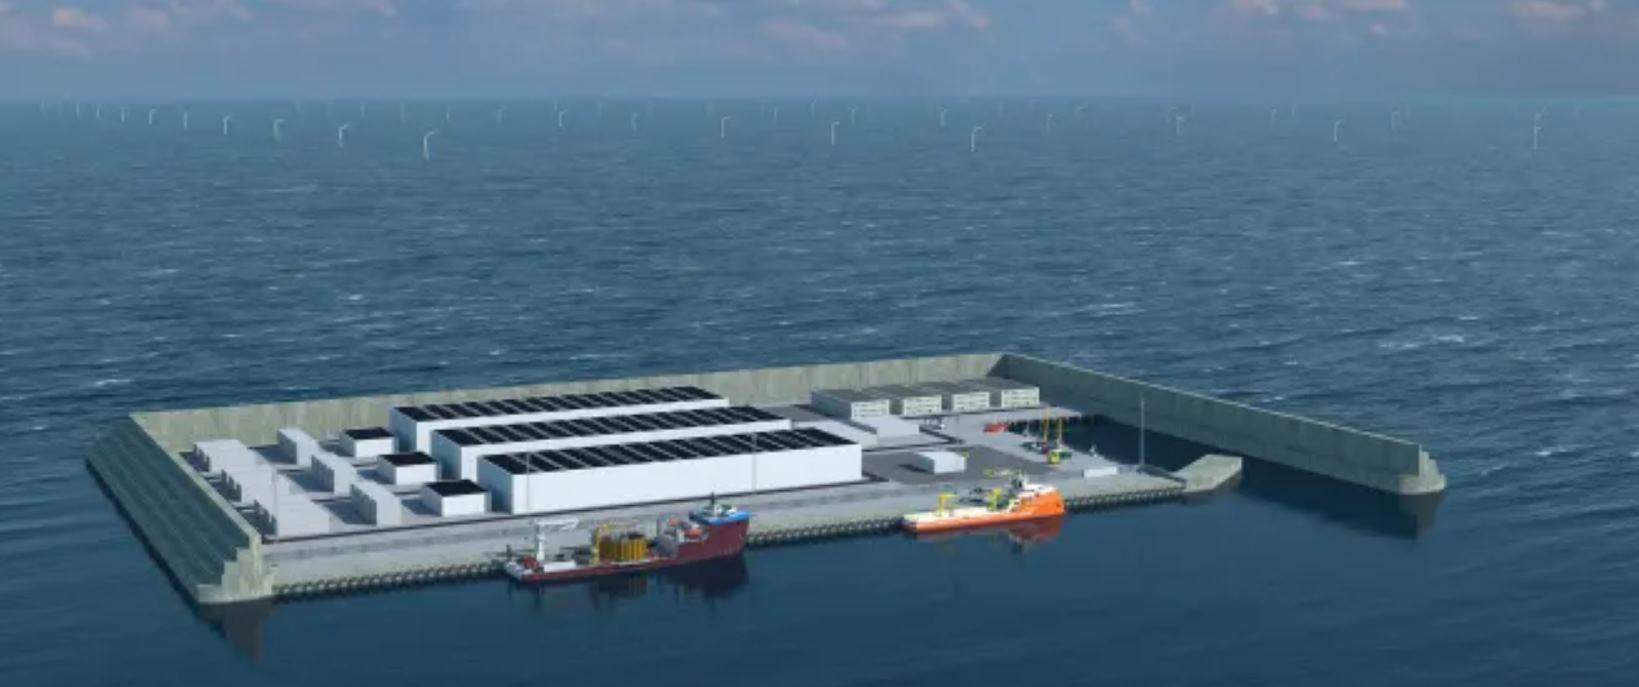 Una isla artificial generadora de energía verde